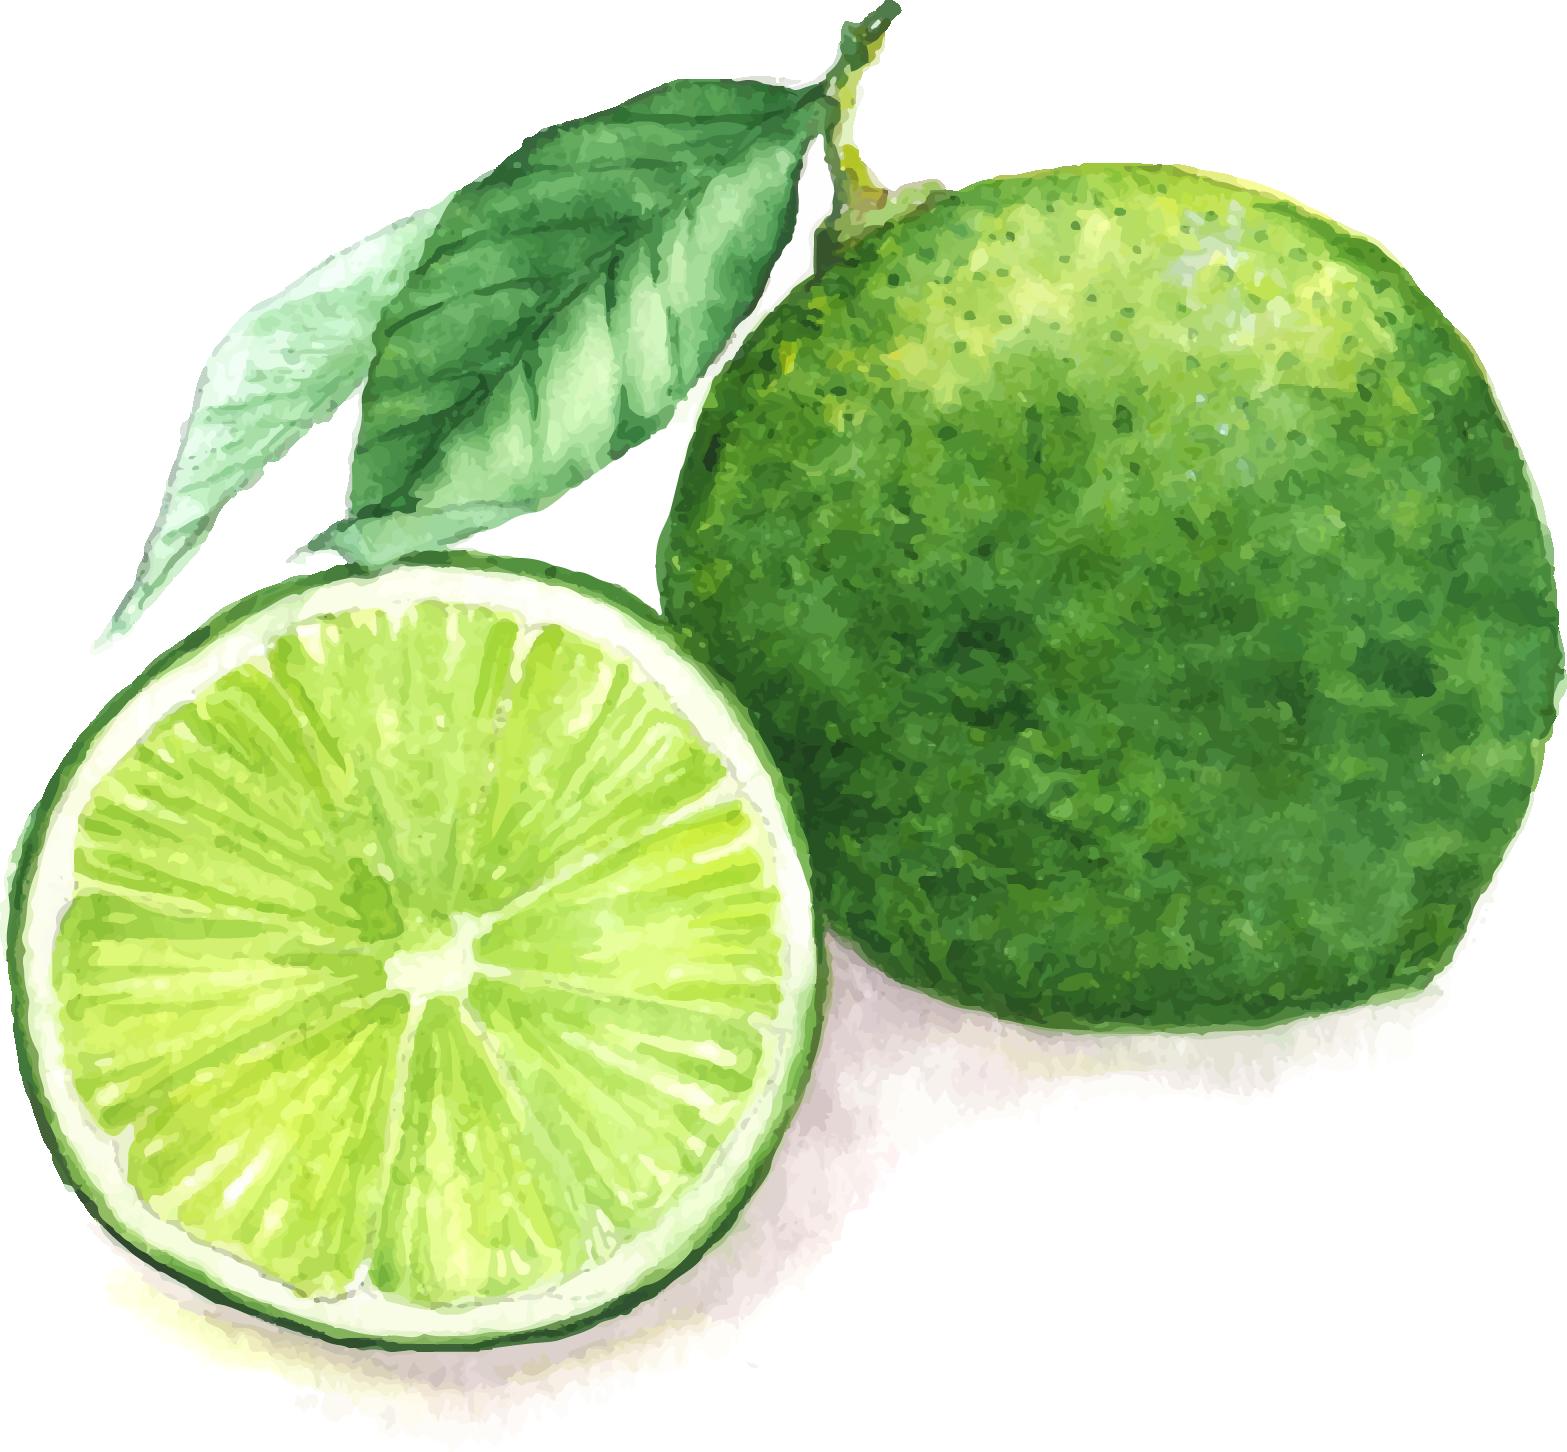 clip freeuse Juice Lemon Watercolor painting Lime